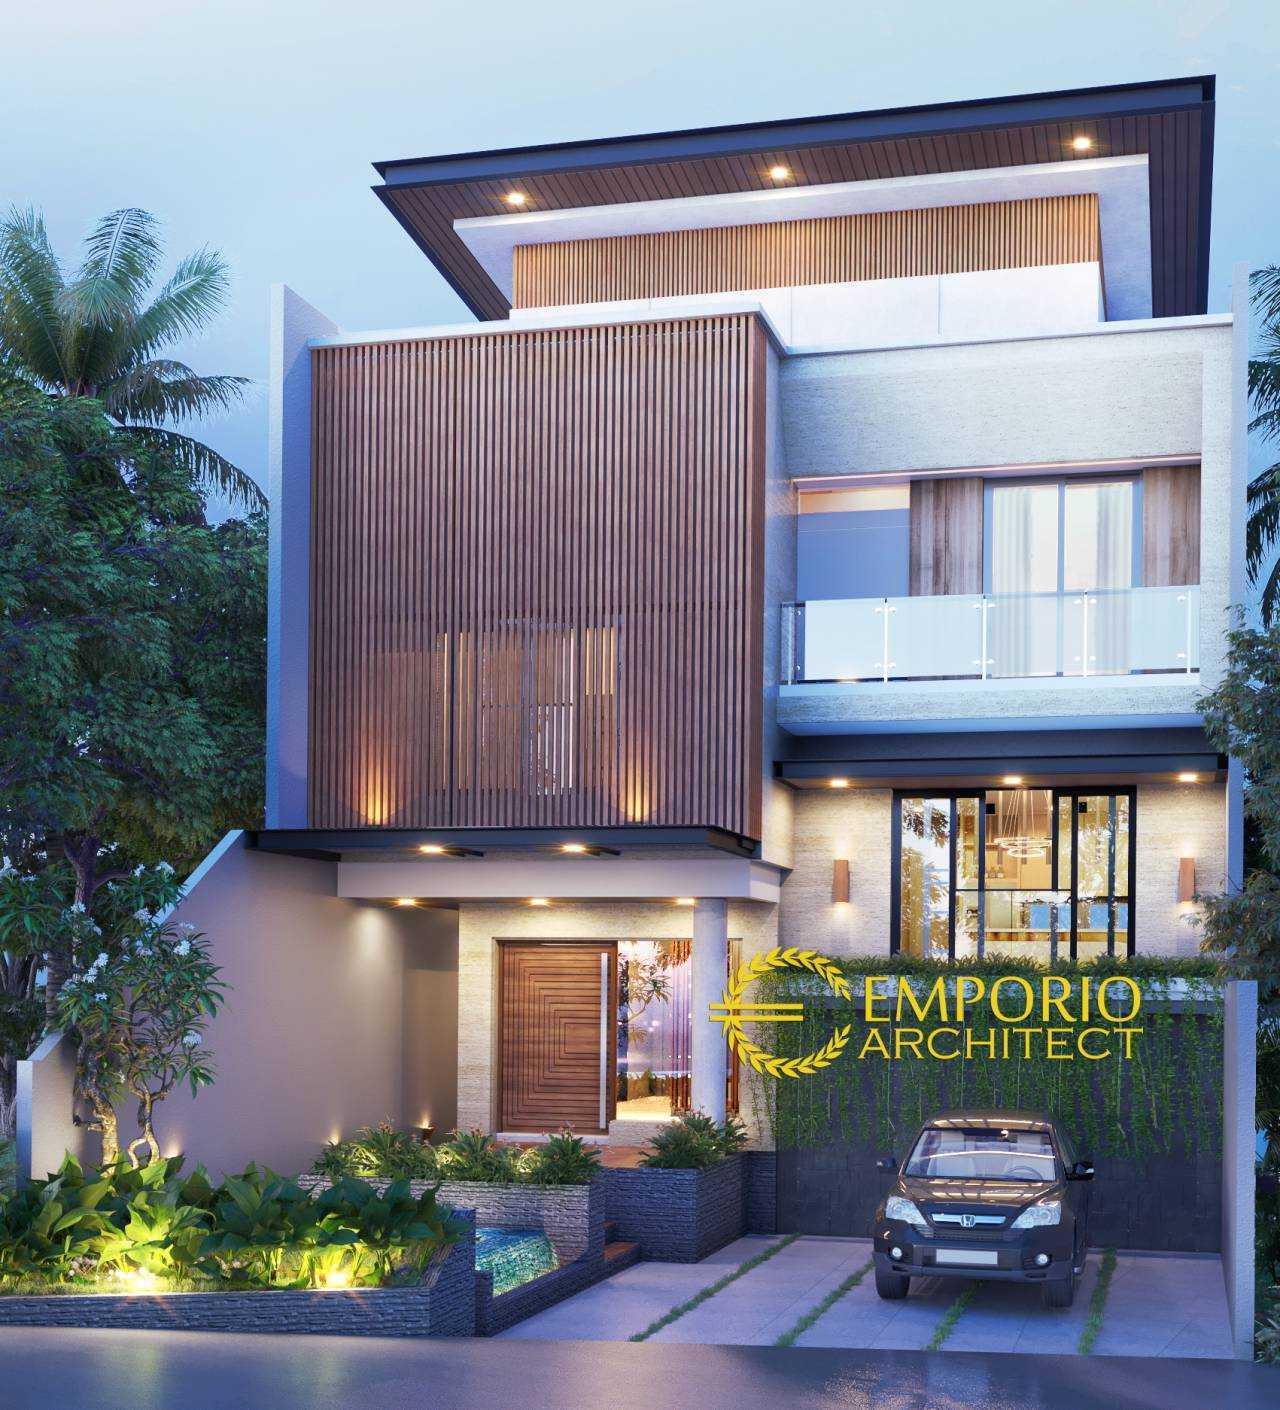 Emporio Architect Jasa Arsitek Balikpapan Desain Rumah Modern 3 Lantai Type B 796 @ Balikpapan, Kalimantan Timur Balikpapan, Kota Balikpapan, Kalimantan Timur, Indonesia Balikpapan, Kota Balikpapan, Kalimantan Timur, Indonesia Emporio-Architect-Jasa-Arsitek-Balikpapan-Desain-Rumah-Modern-3-Lantai-Type-B-796-Balikpapan-Kalimantan-Timur Modern 90628